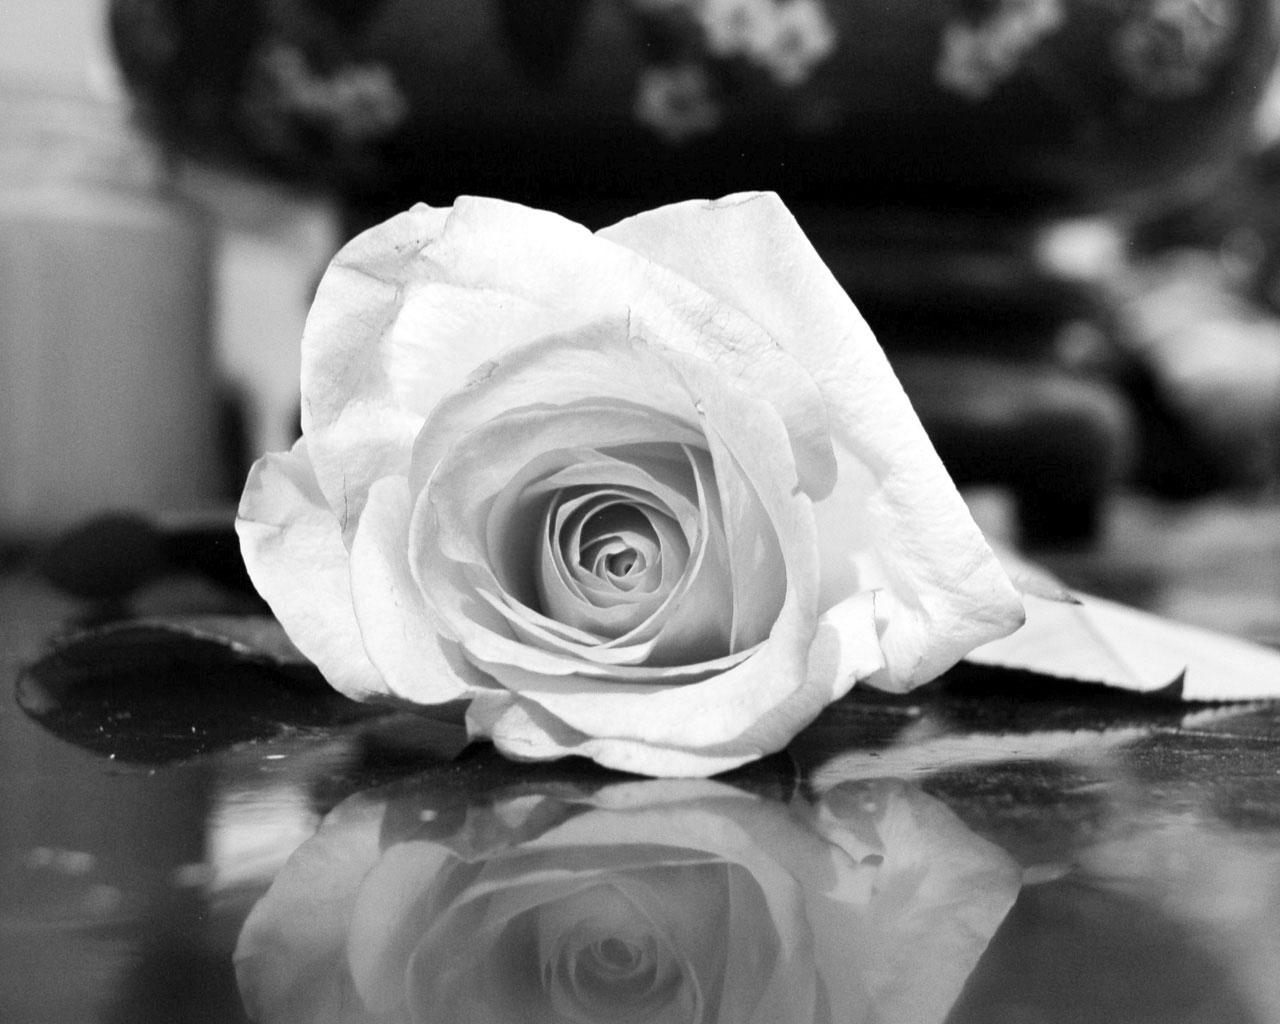 цветы на столе картинки черно-белые этих